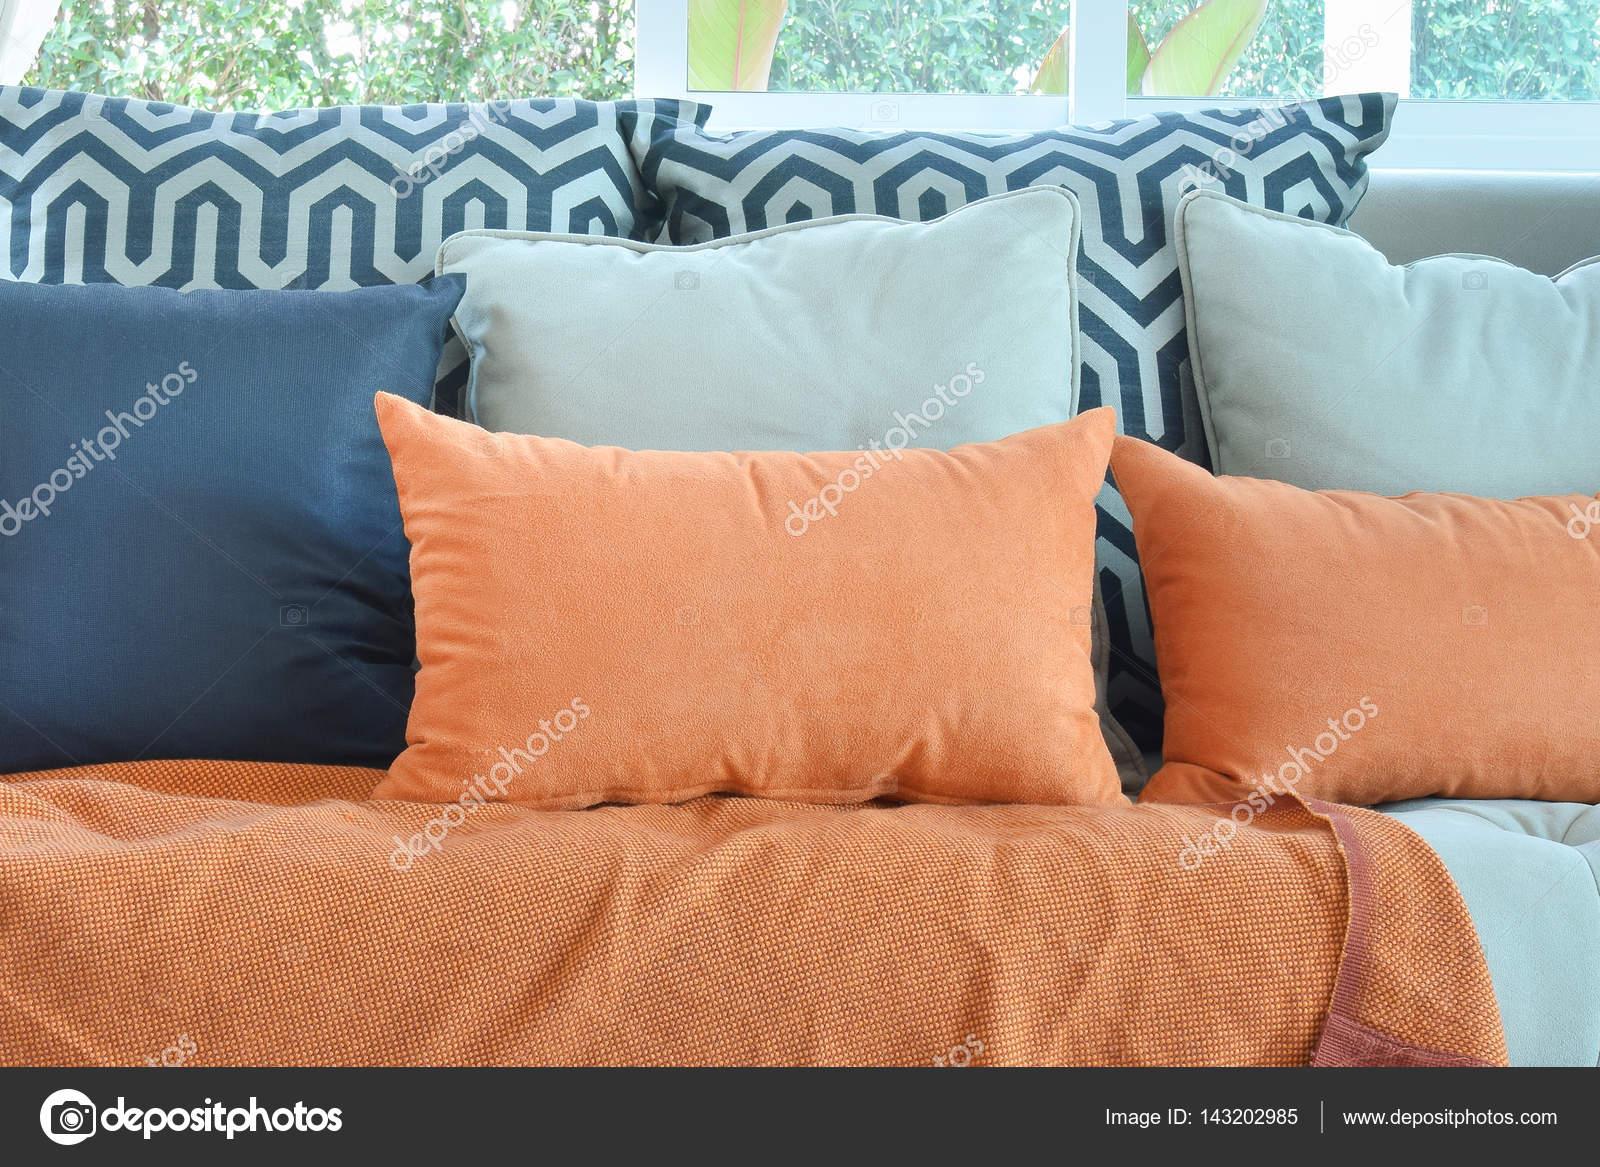 Divano Arancione E Marrone : Design moderno salotto con divano tweed marrone e arancione e neri